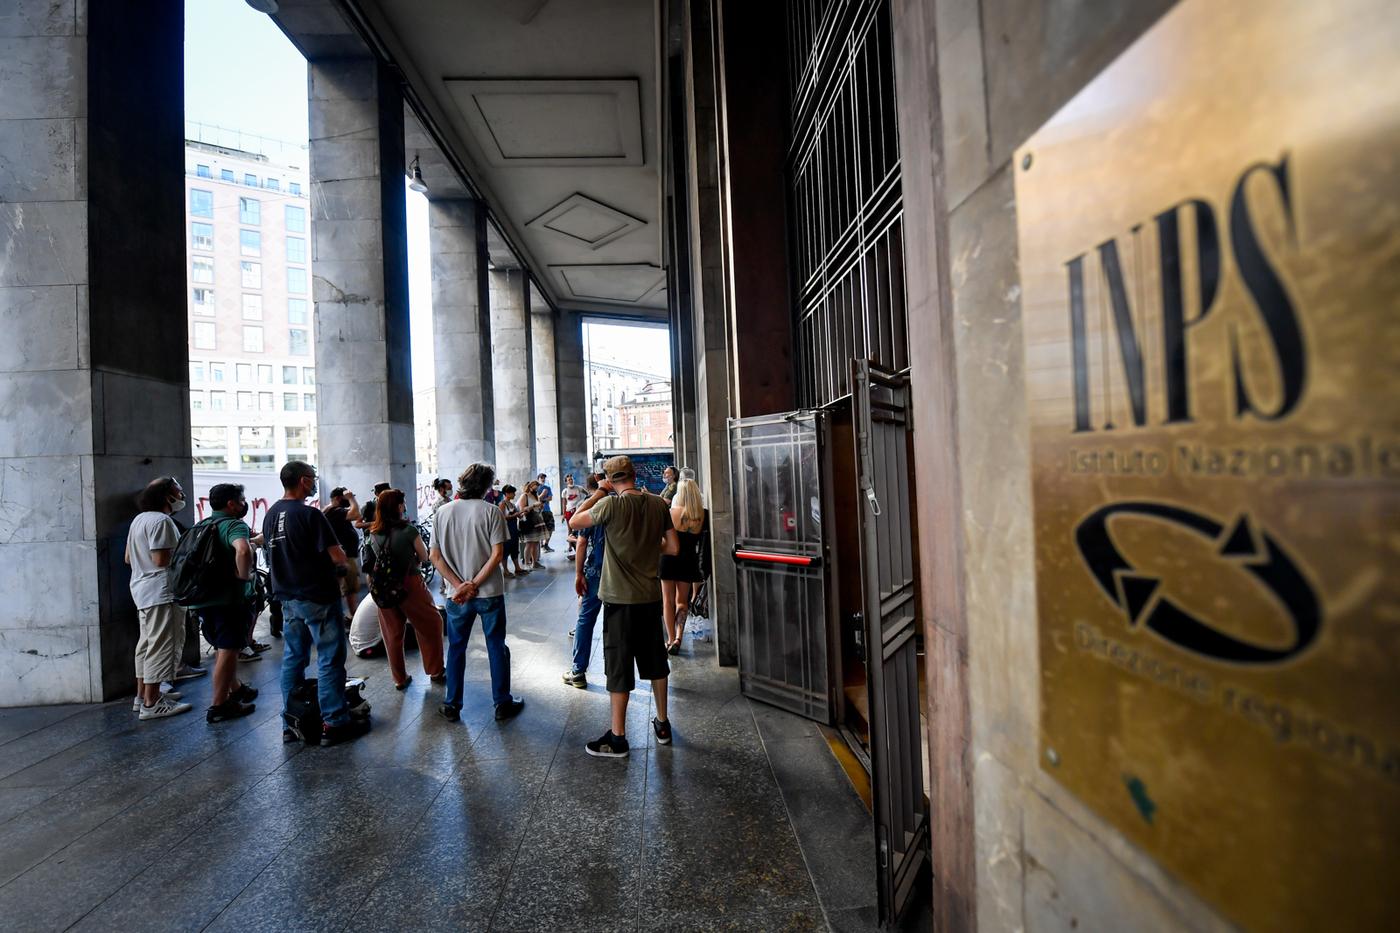 L'Italia che non va: i parlamentari che hanno richiesto il bonus di 600 euro